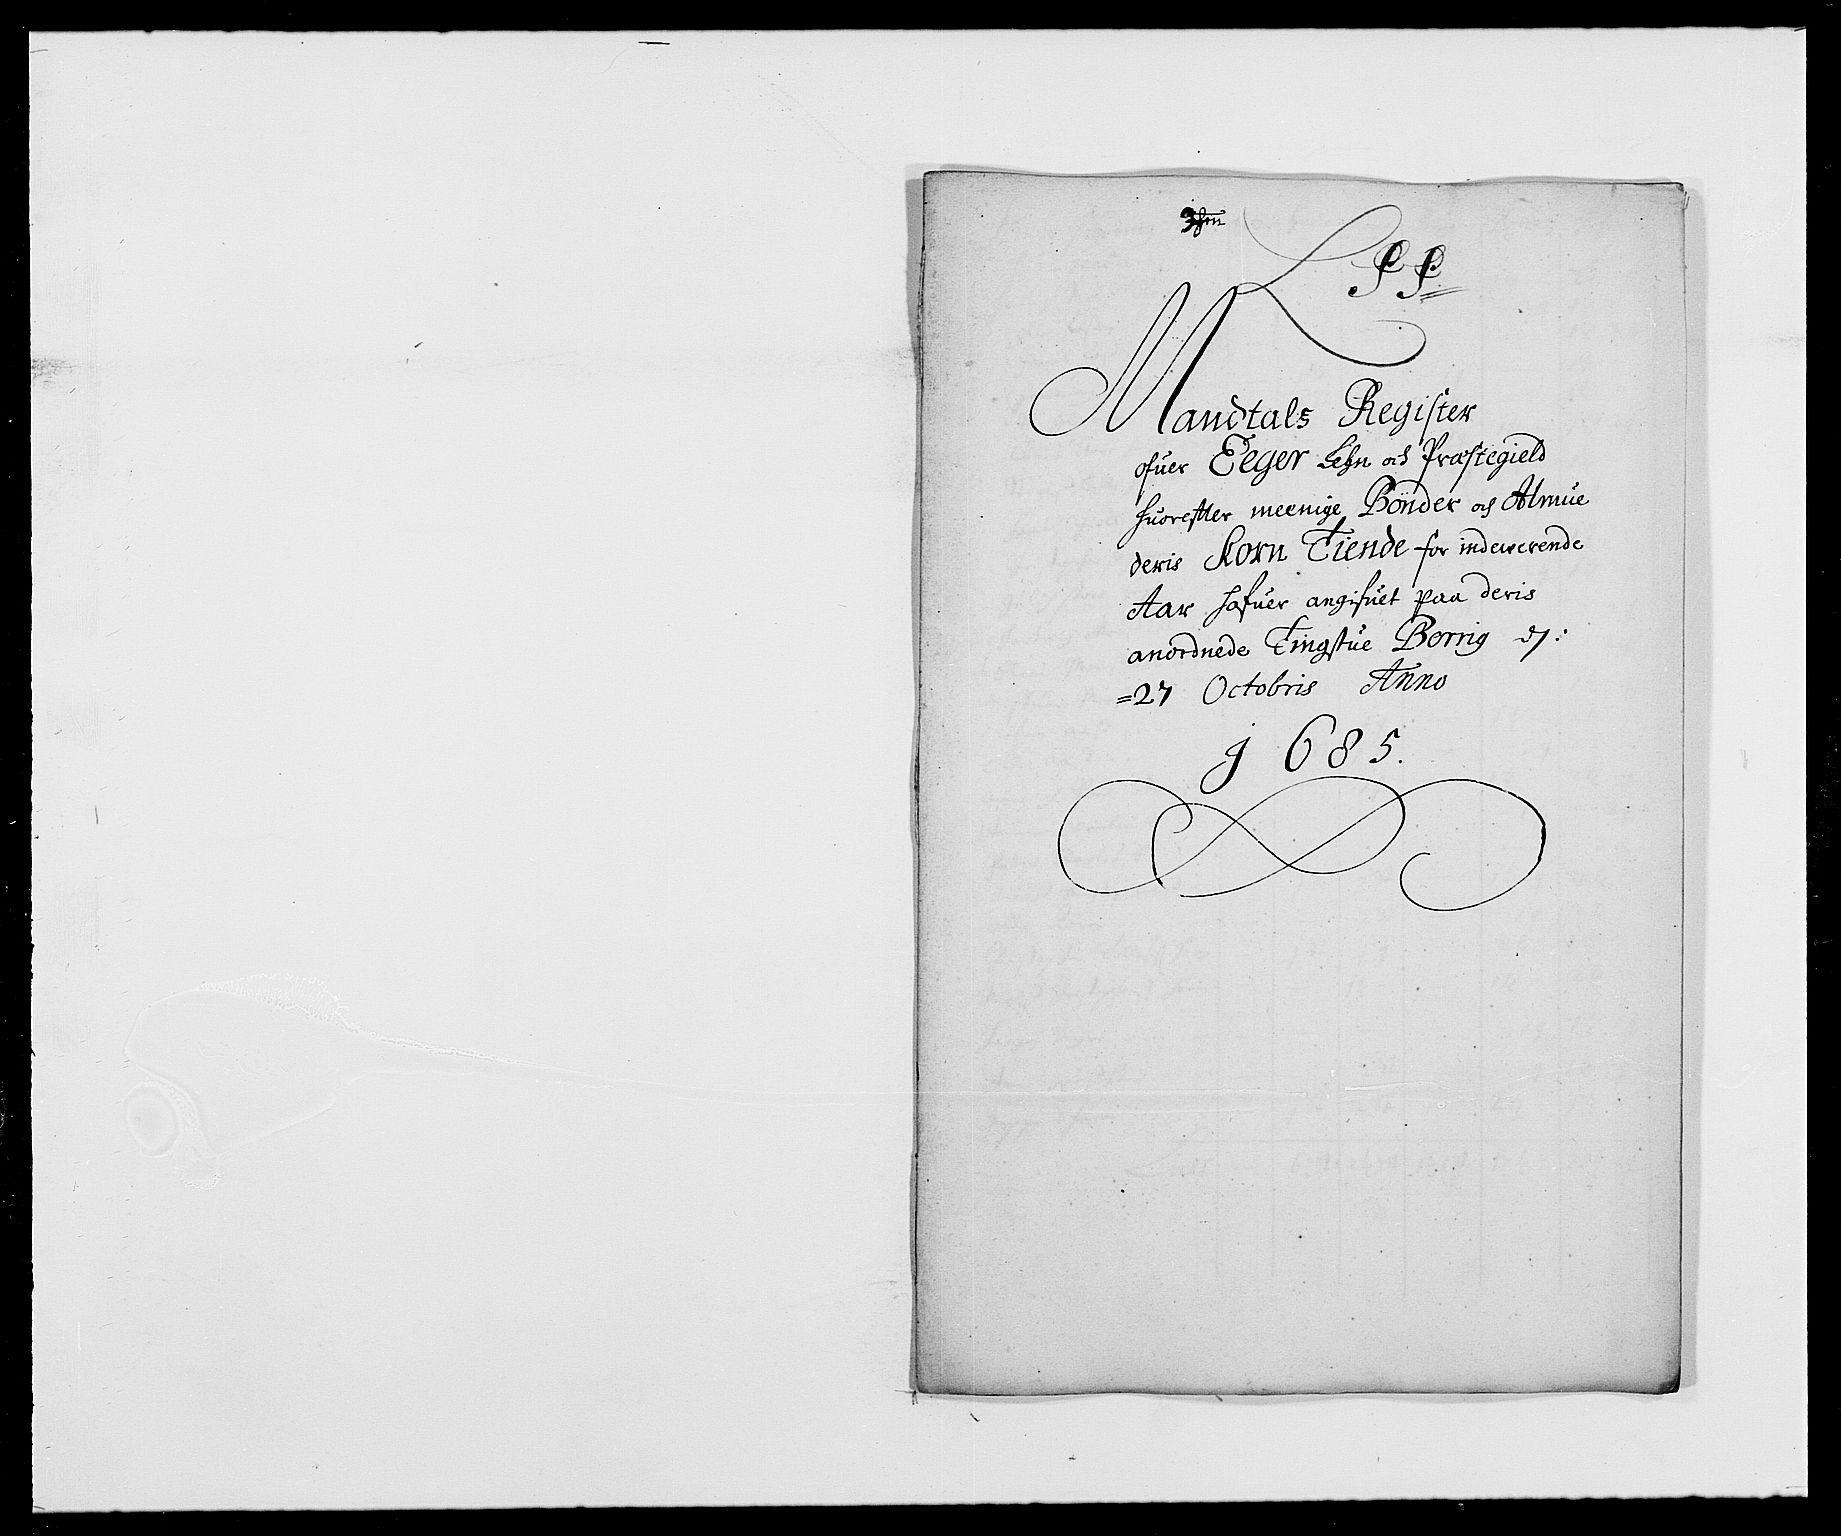 RA, Rentekammeret inntil 1814, Reviderte regnskaper, Fogderegnskap, R26/L1685: Fogderegnskap Eiker, 1679-1686, s. 56